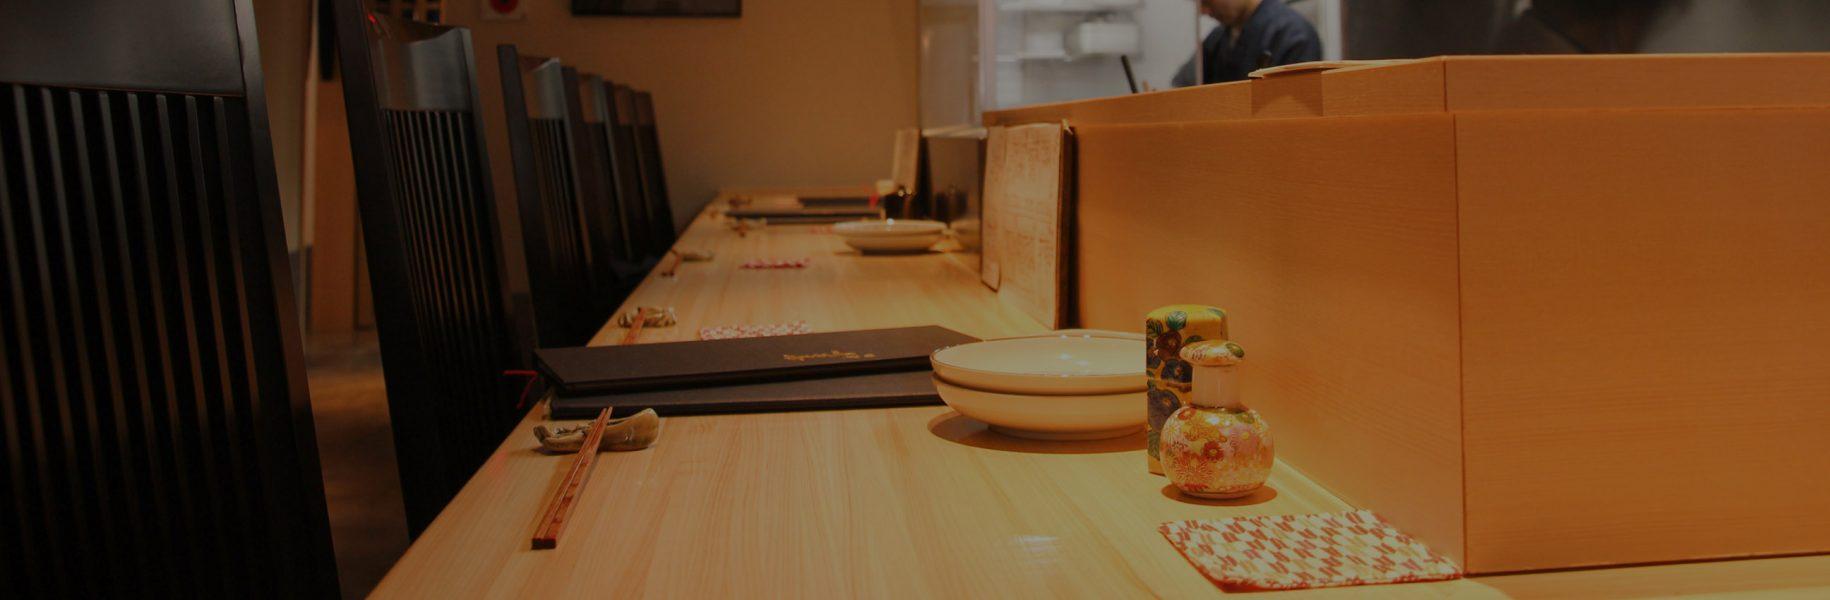 旬の野菜、厳選した肉肉や魚介をその場で「炭火焼き」金沢駅より徒歩3分